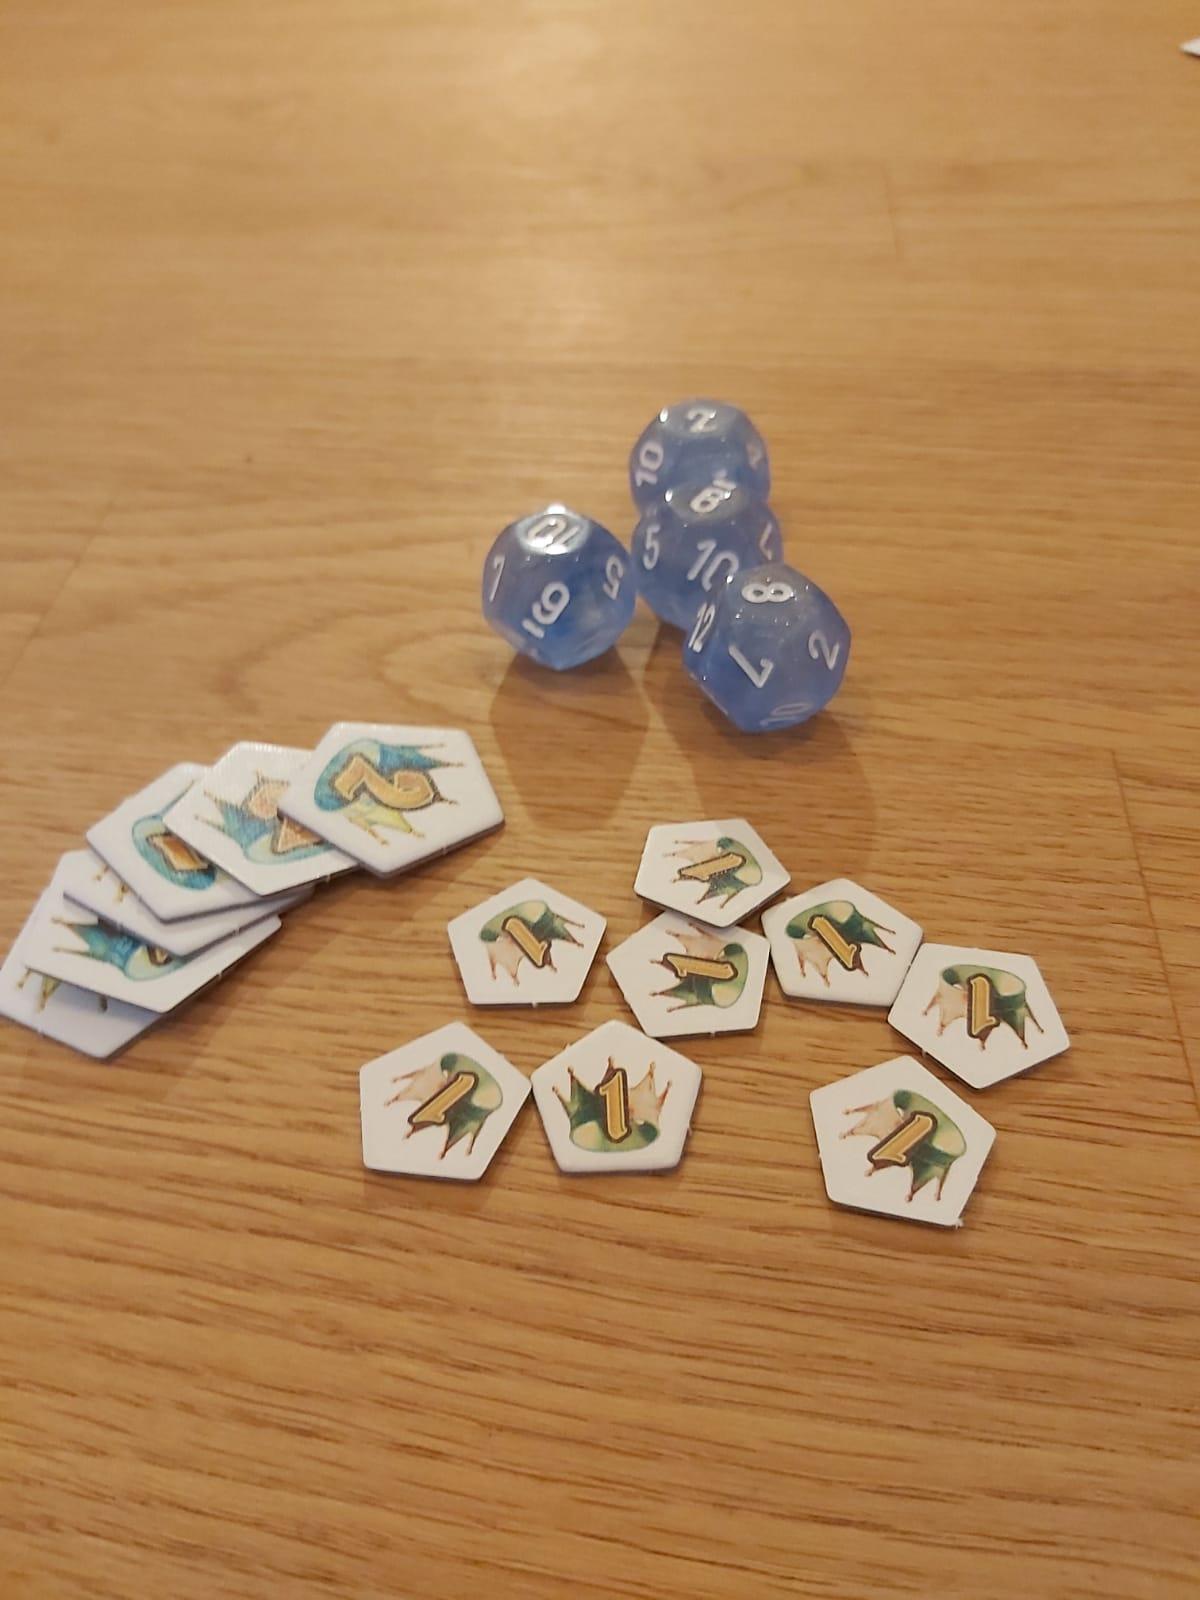 Zu sehen sind die Würfel und Siegpunktmarker des Spiels